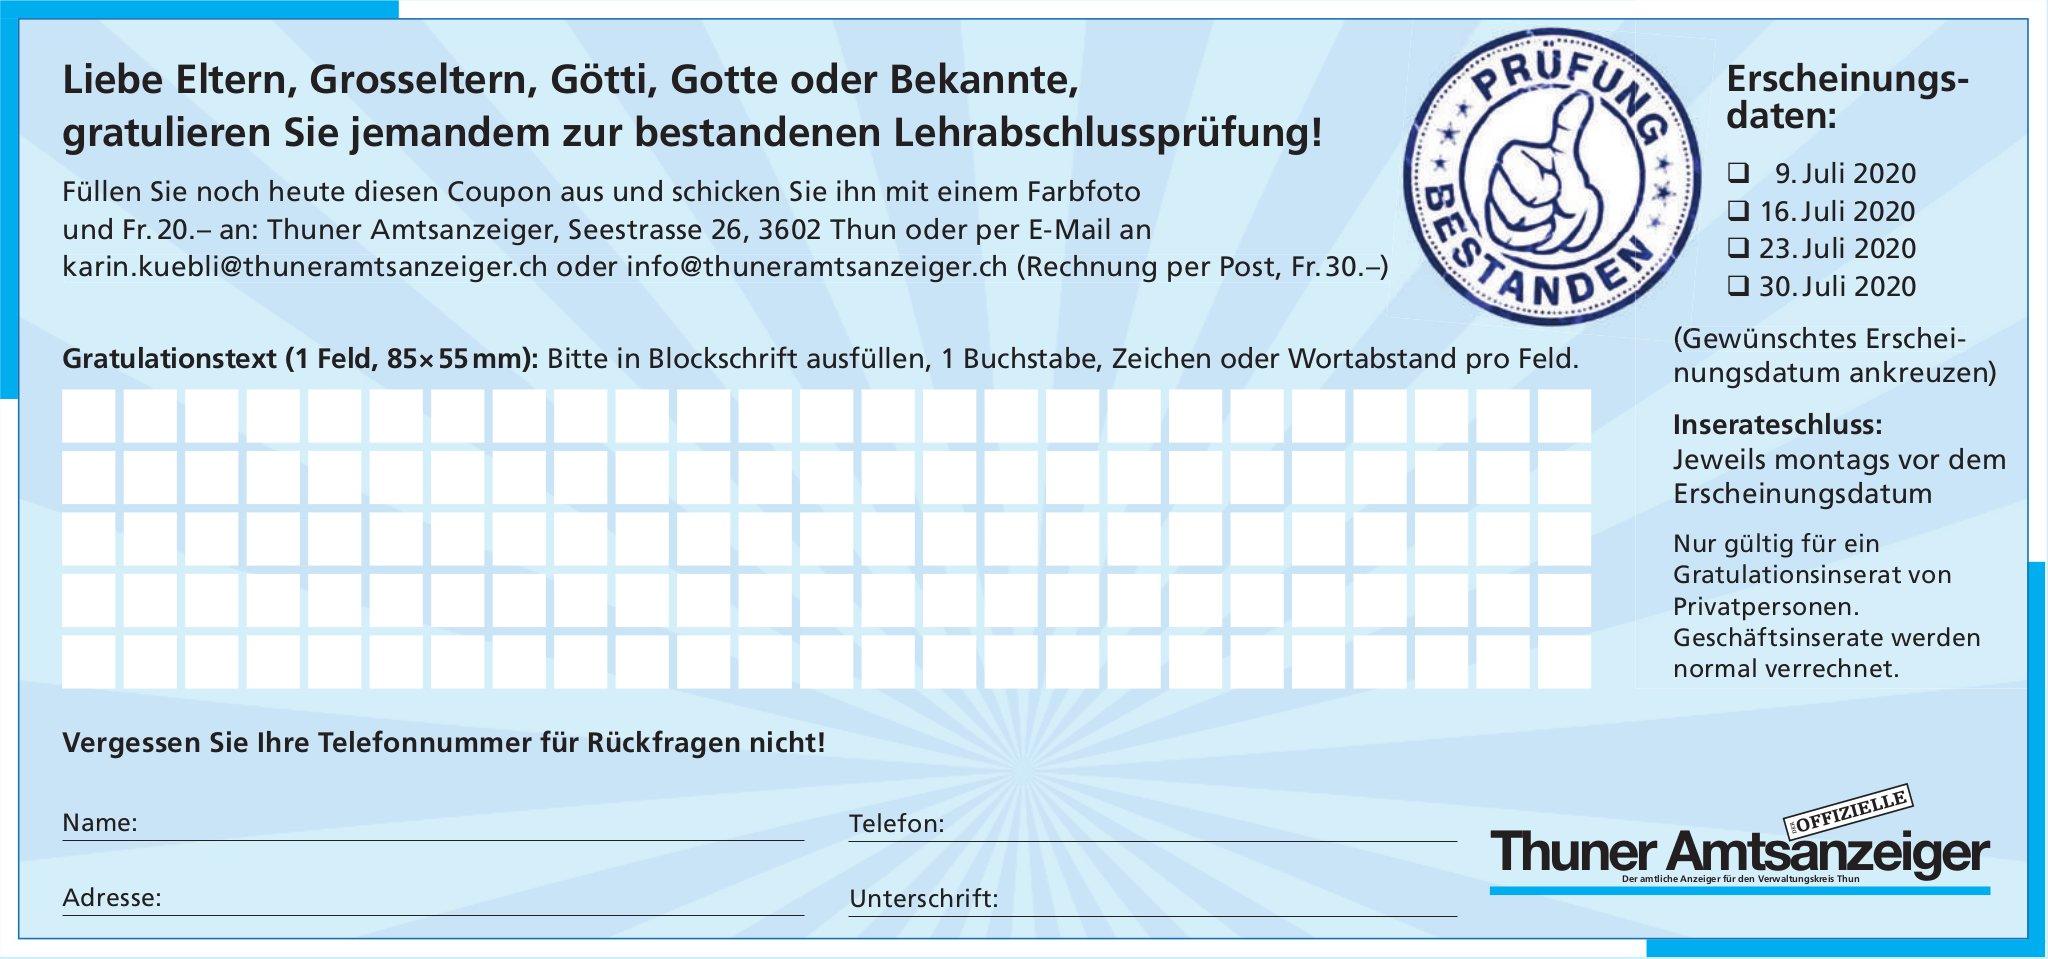 Thuner Amtsanzeiger - Gratulieren Sie jemandem zur bestandenen Lehrabschlussprüfung!